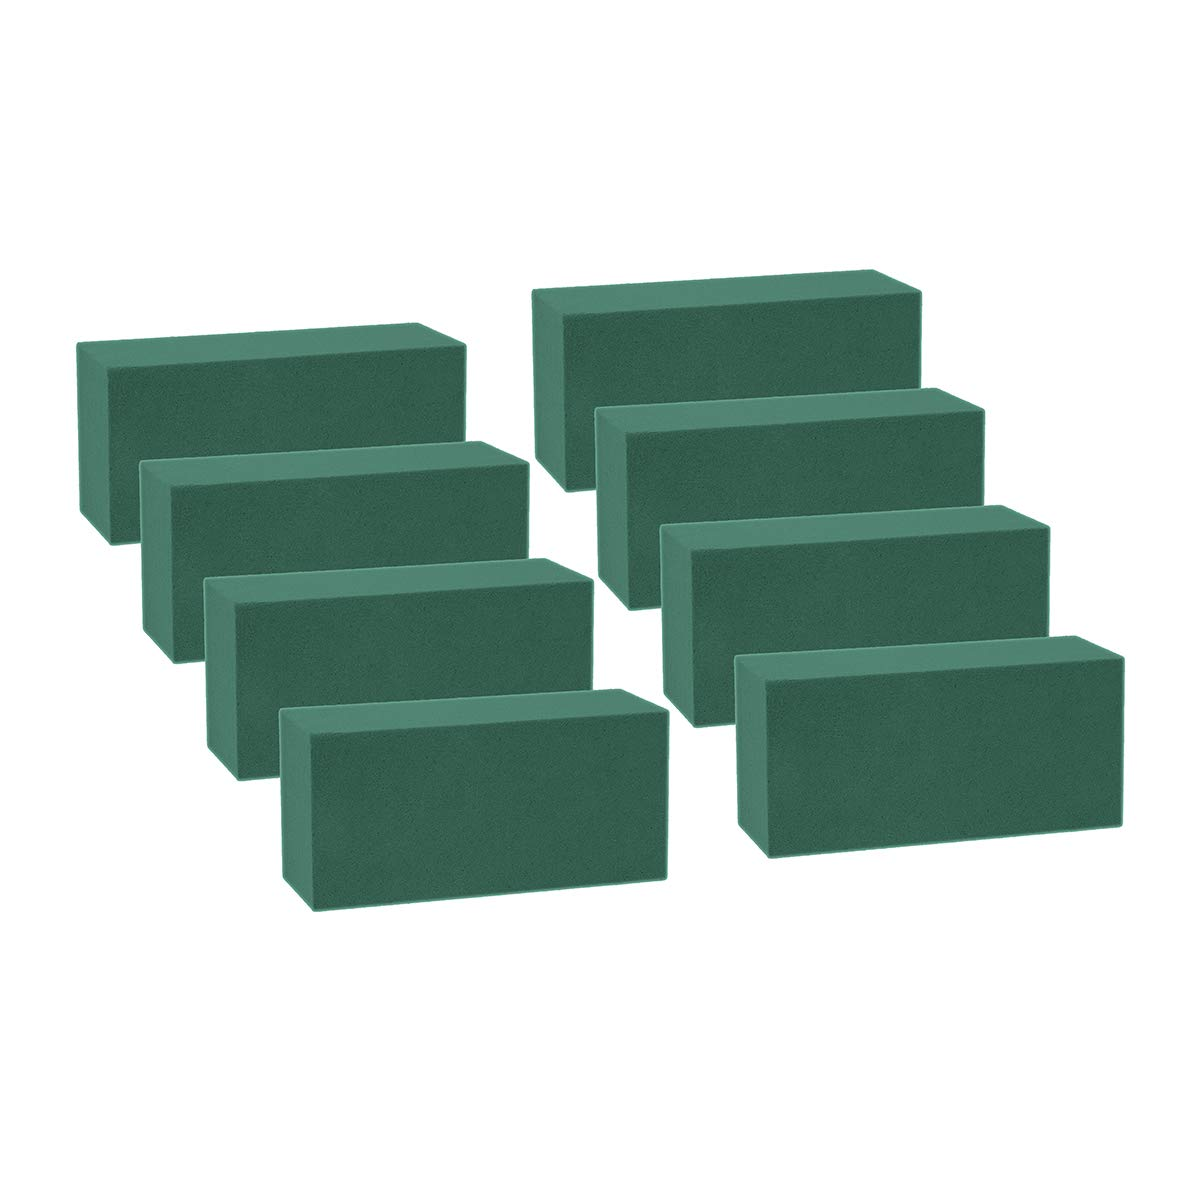 Wei Shang 8 Pezzi Mattoni Blocchi Spugna Floreale Verde di polistirolo per Fresh Cut composizioni Floreali Applicate a Secco o Bagnato